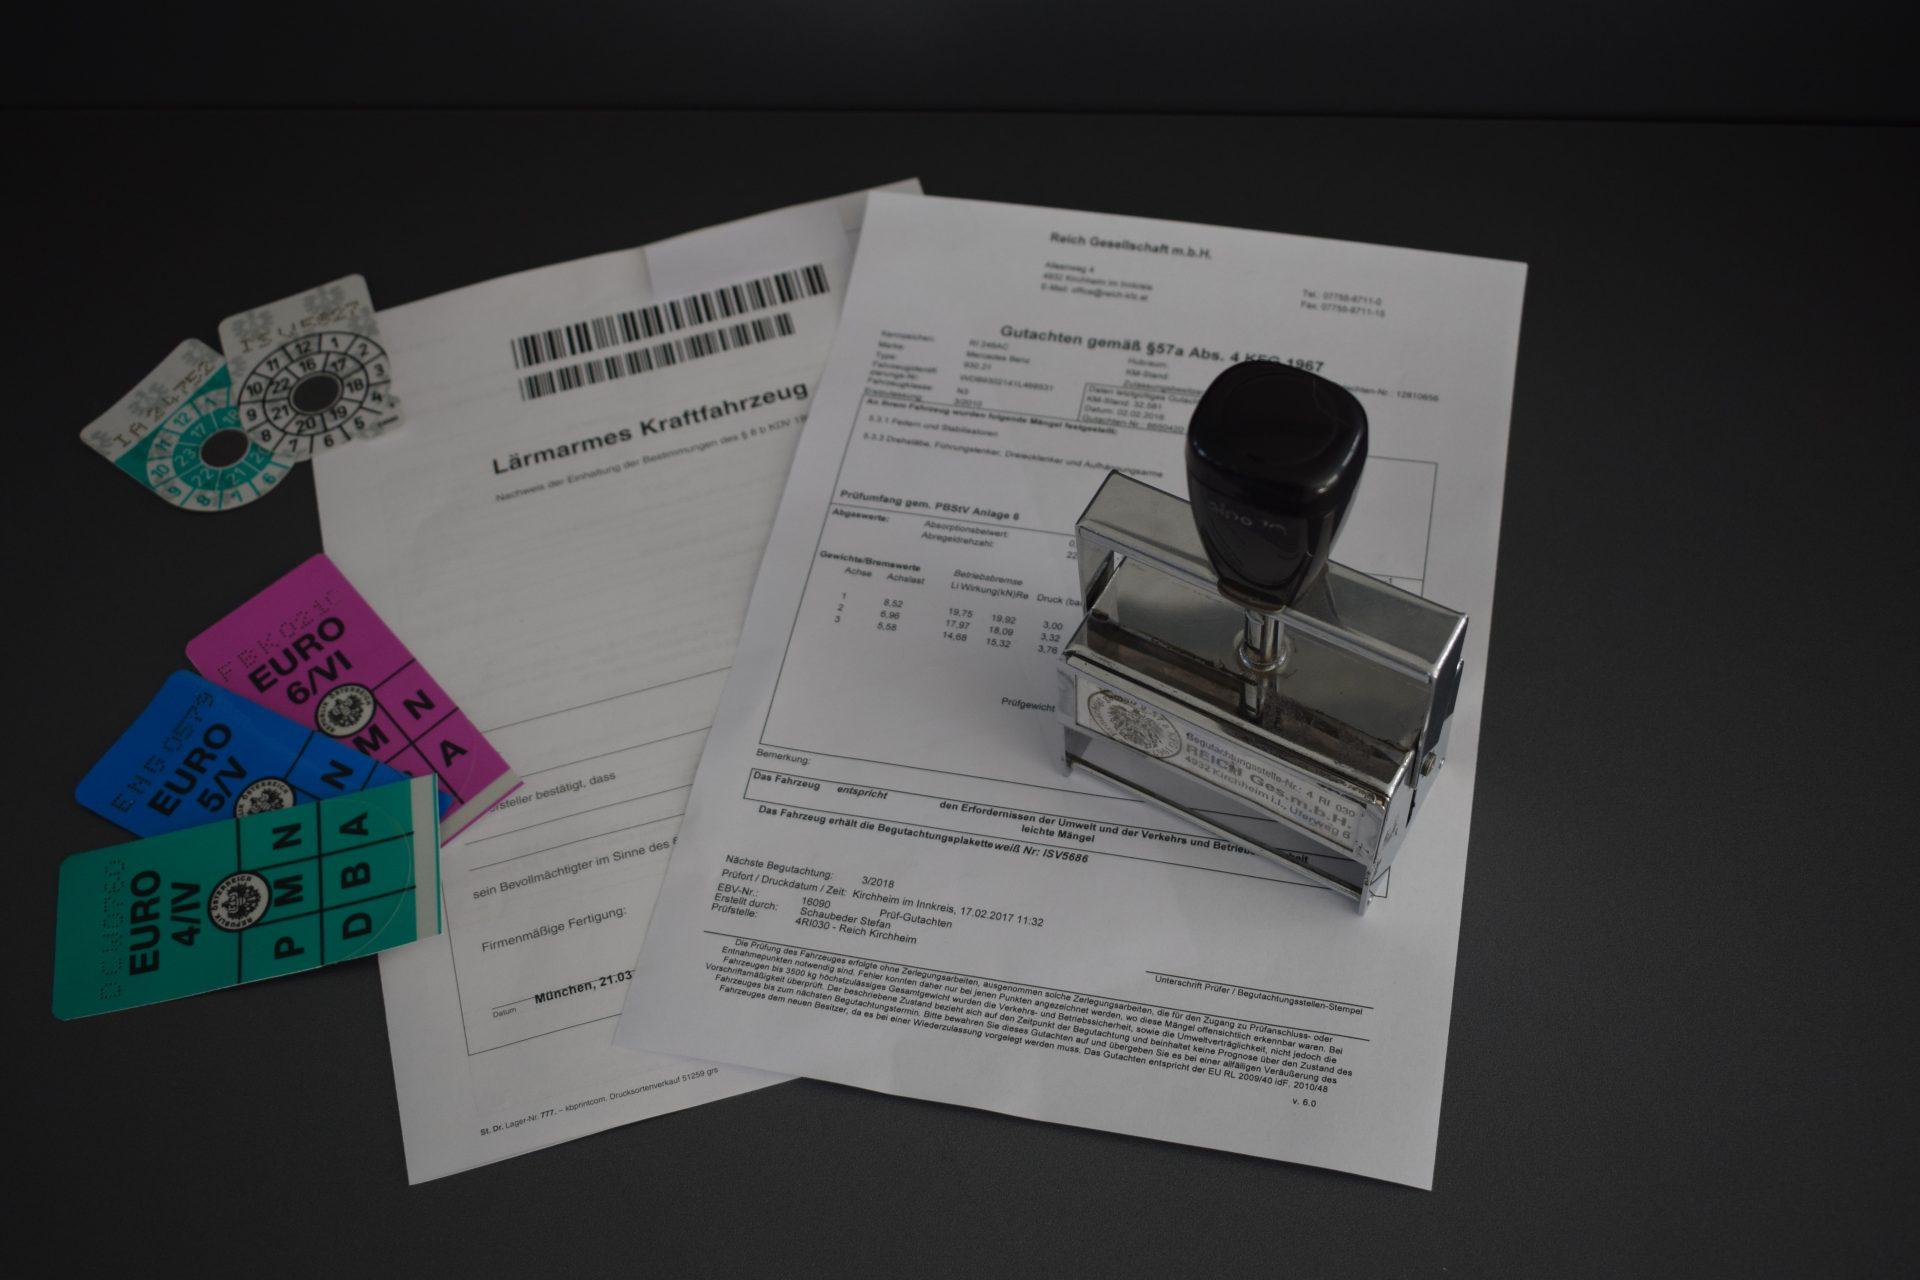 §57Überprüfung-Lärmarm-Abgasplaketten